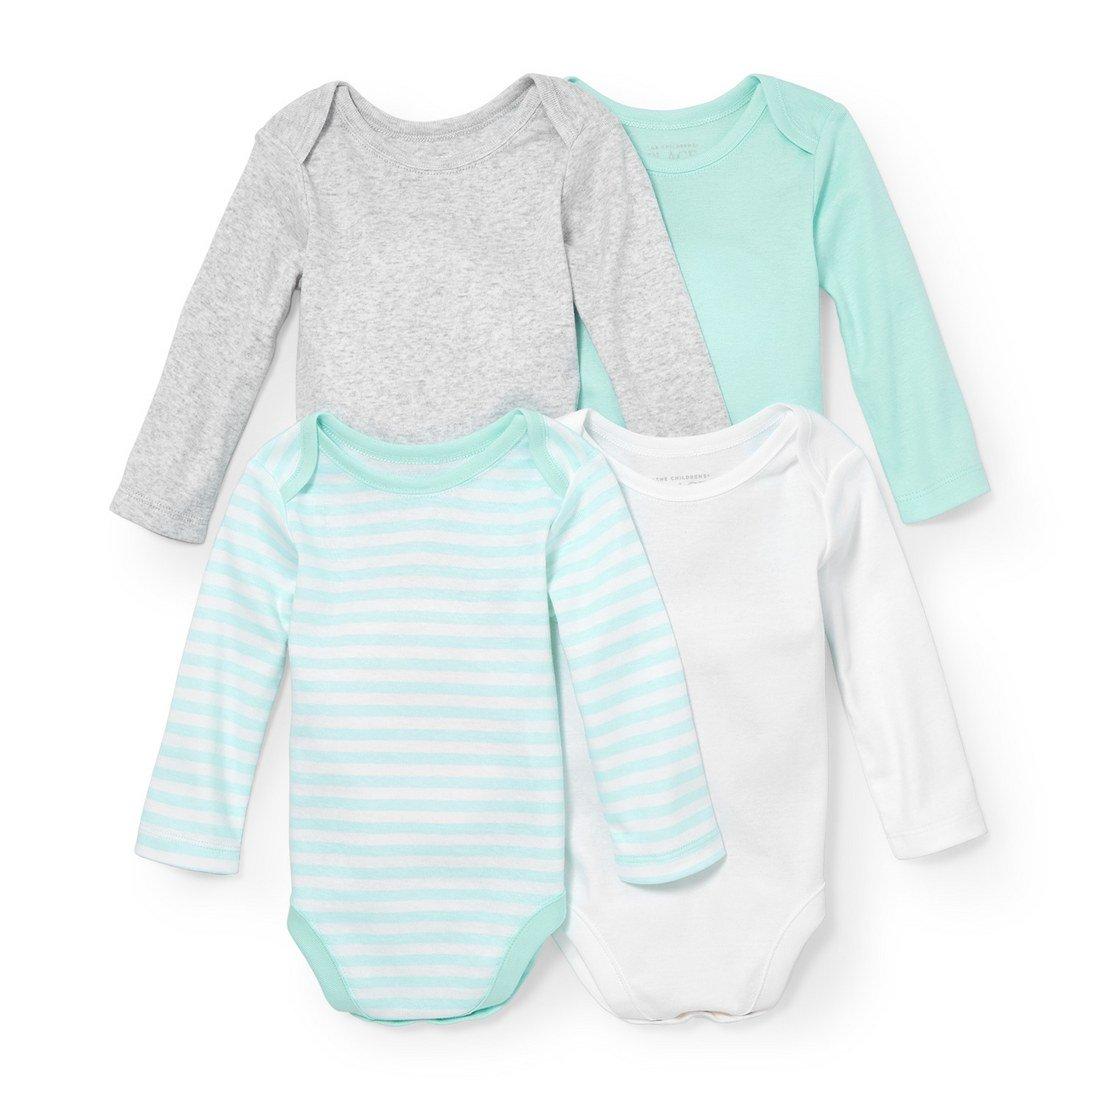 The Children's Place Baby Boys' Infant Unisex Long Sleeve Bodysuit Bundle